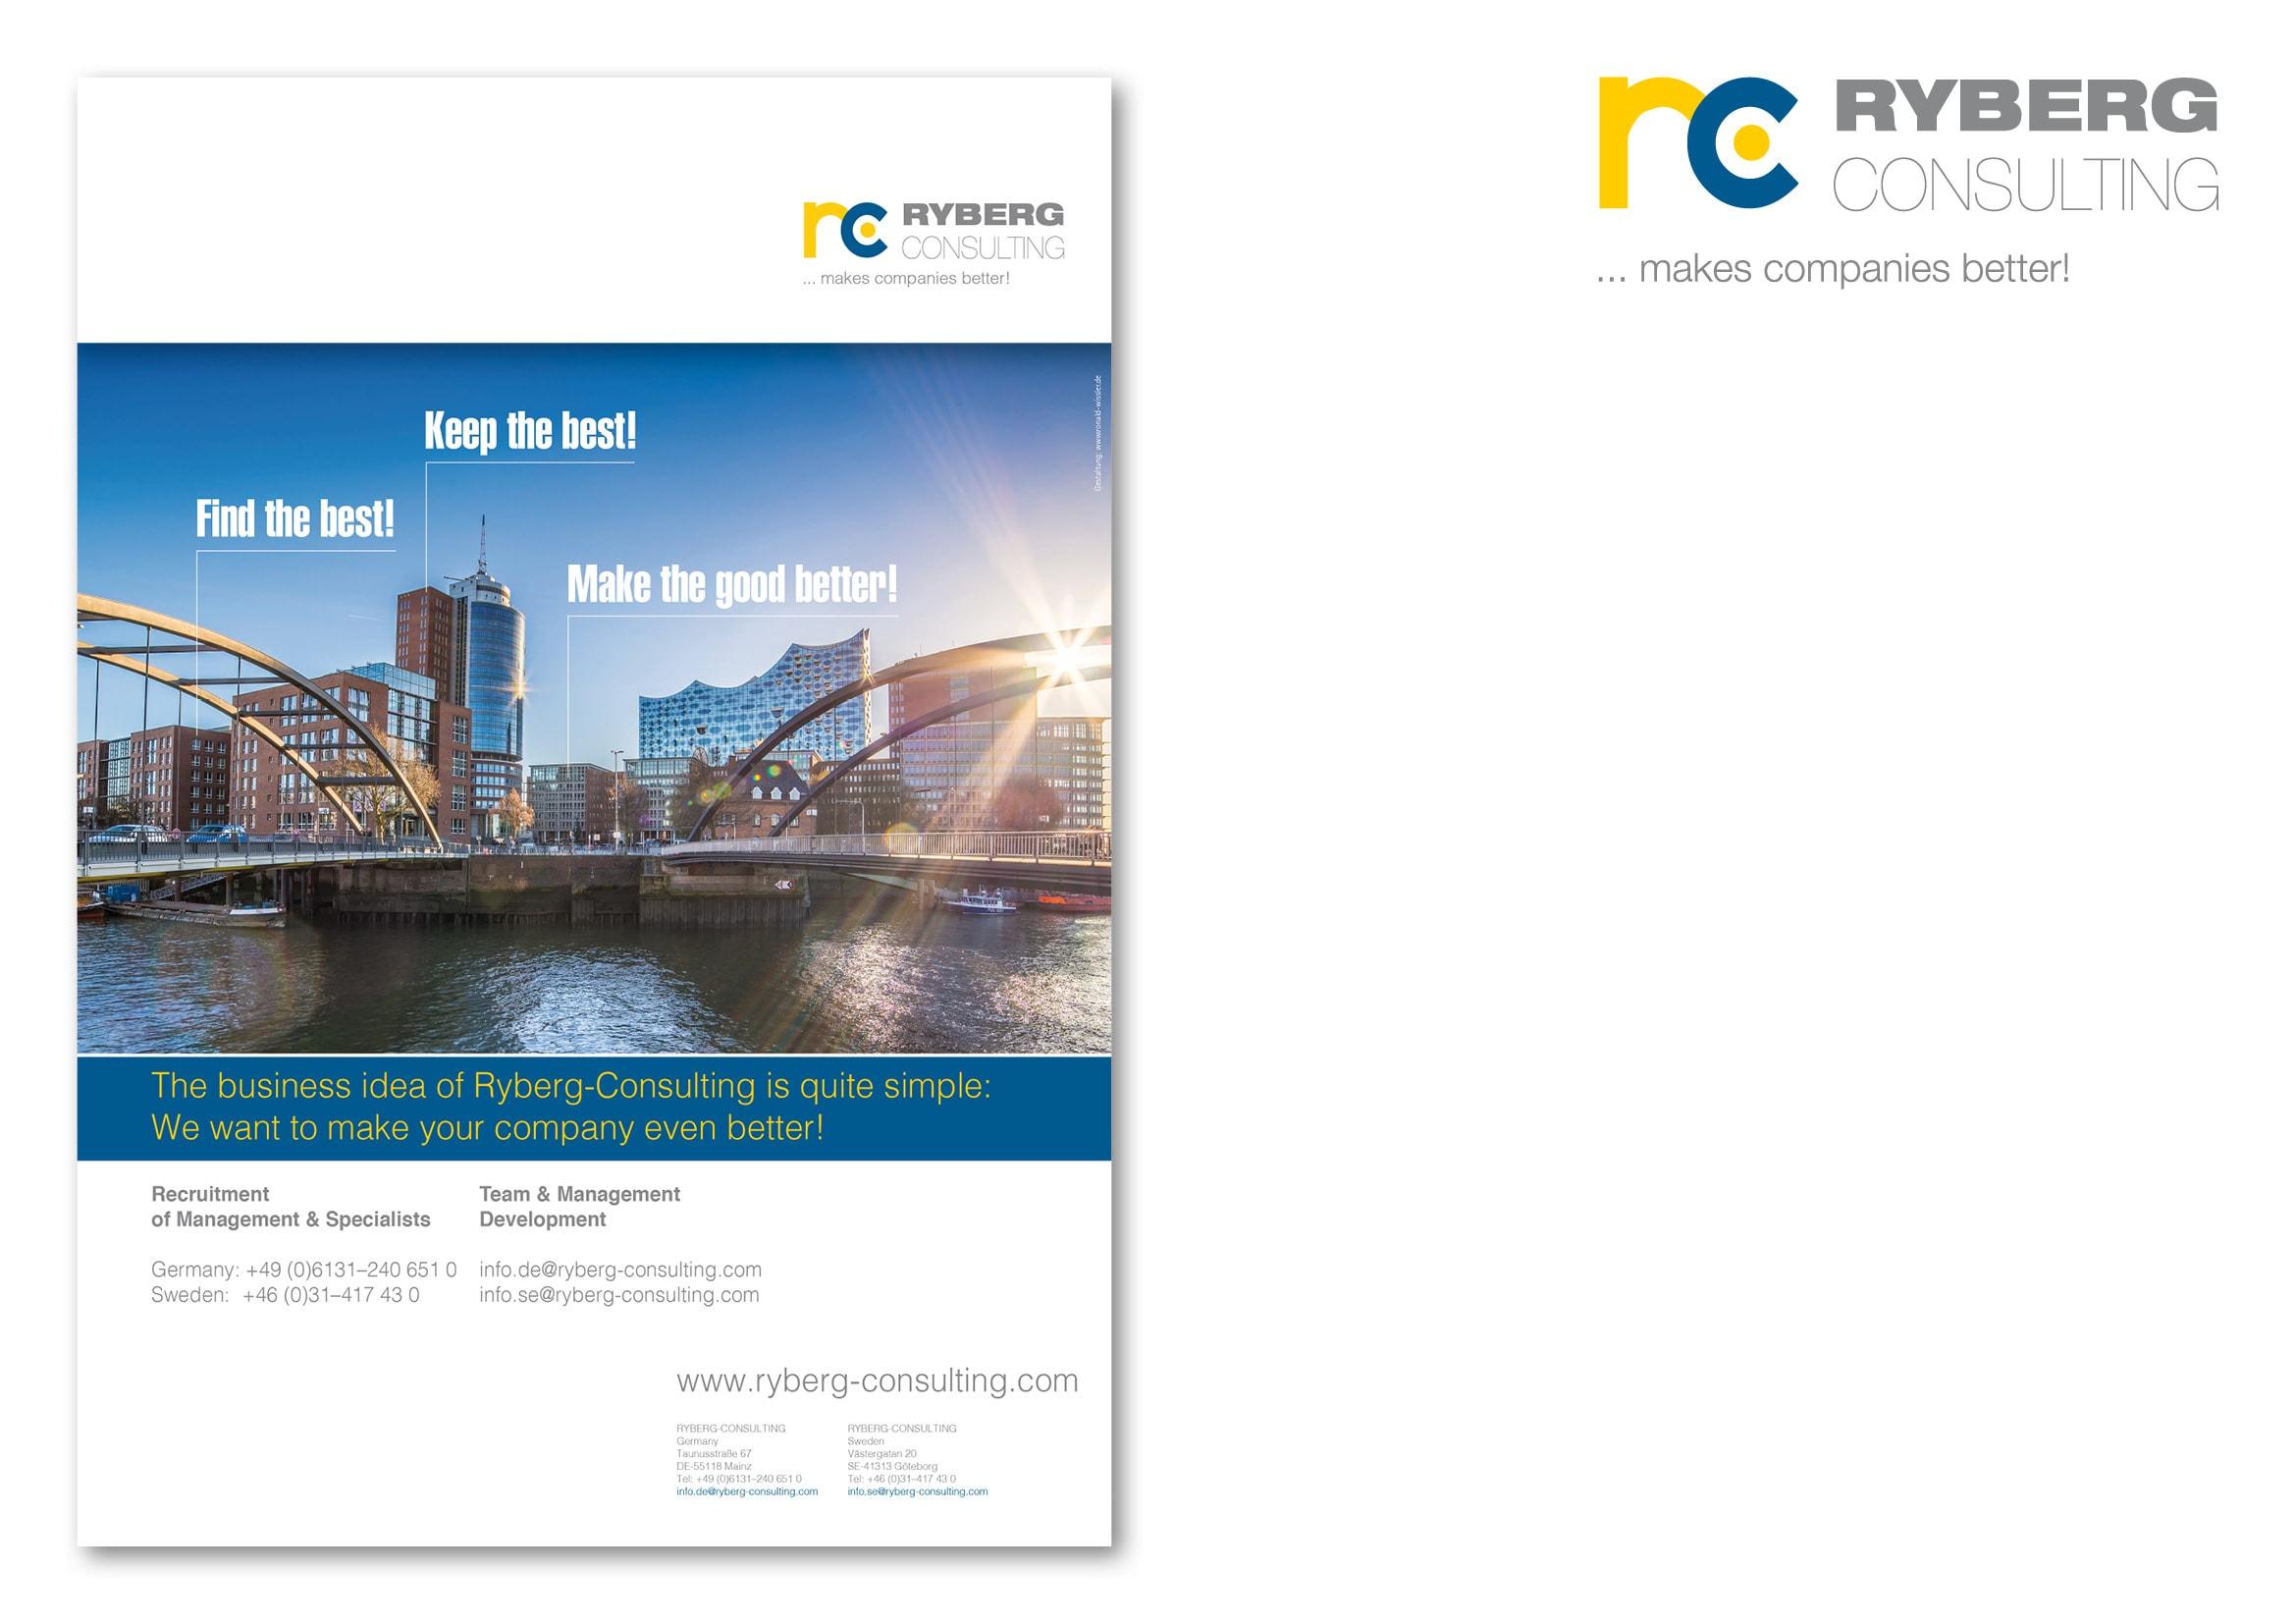 """Entwicklung Anzeigenmotiv Hamburg für die Anzeigenkampagne """"Find the Best!"""" für die Personalberatung Ryberg Consulting durch Grafik-Designer Ronald Wissler"""